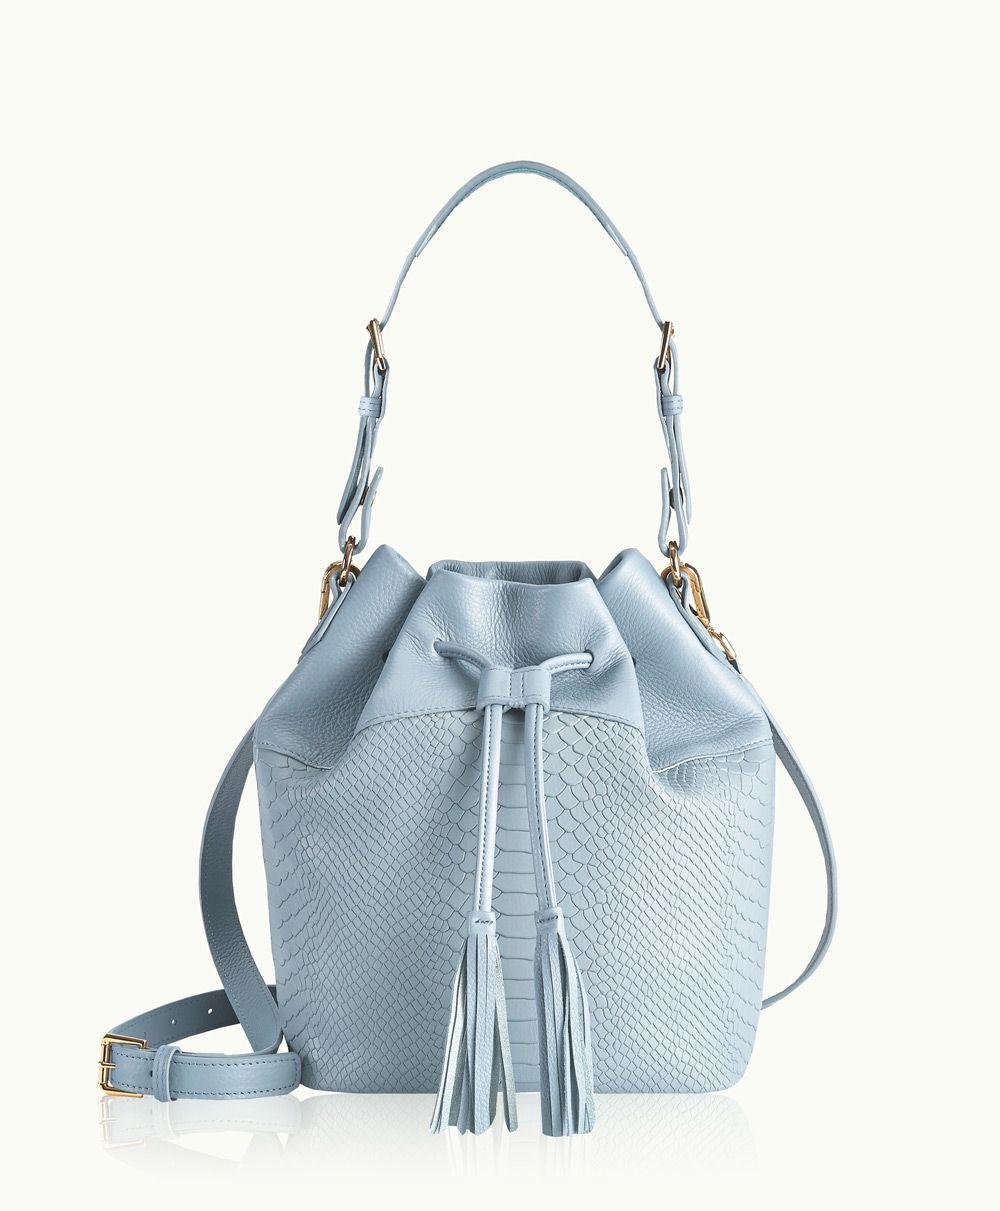 GiGi New York   Harbor Blue Jenn Bucket Bag   Embossed Python Leather   Spring 2015